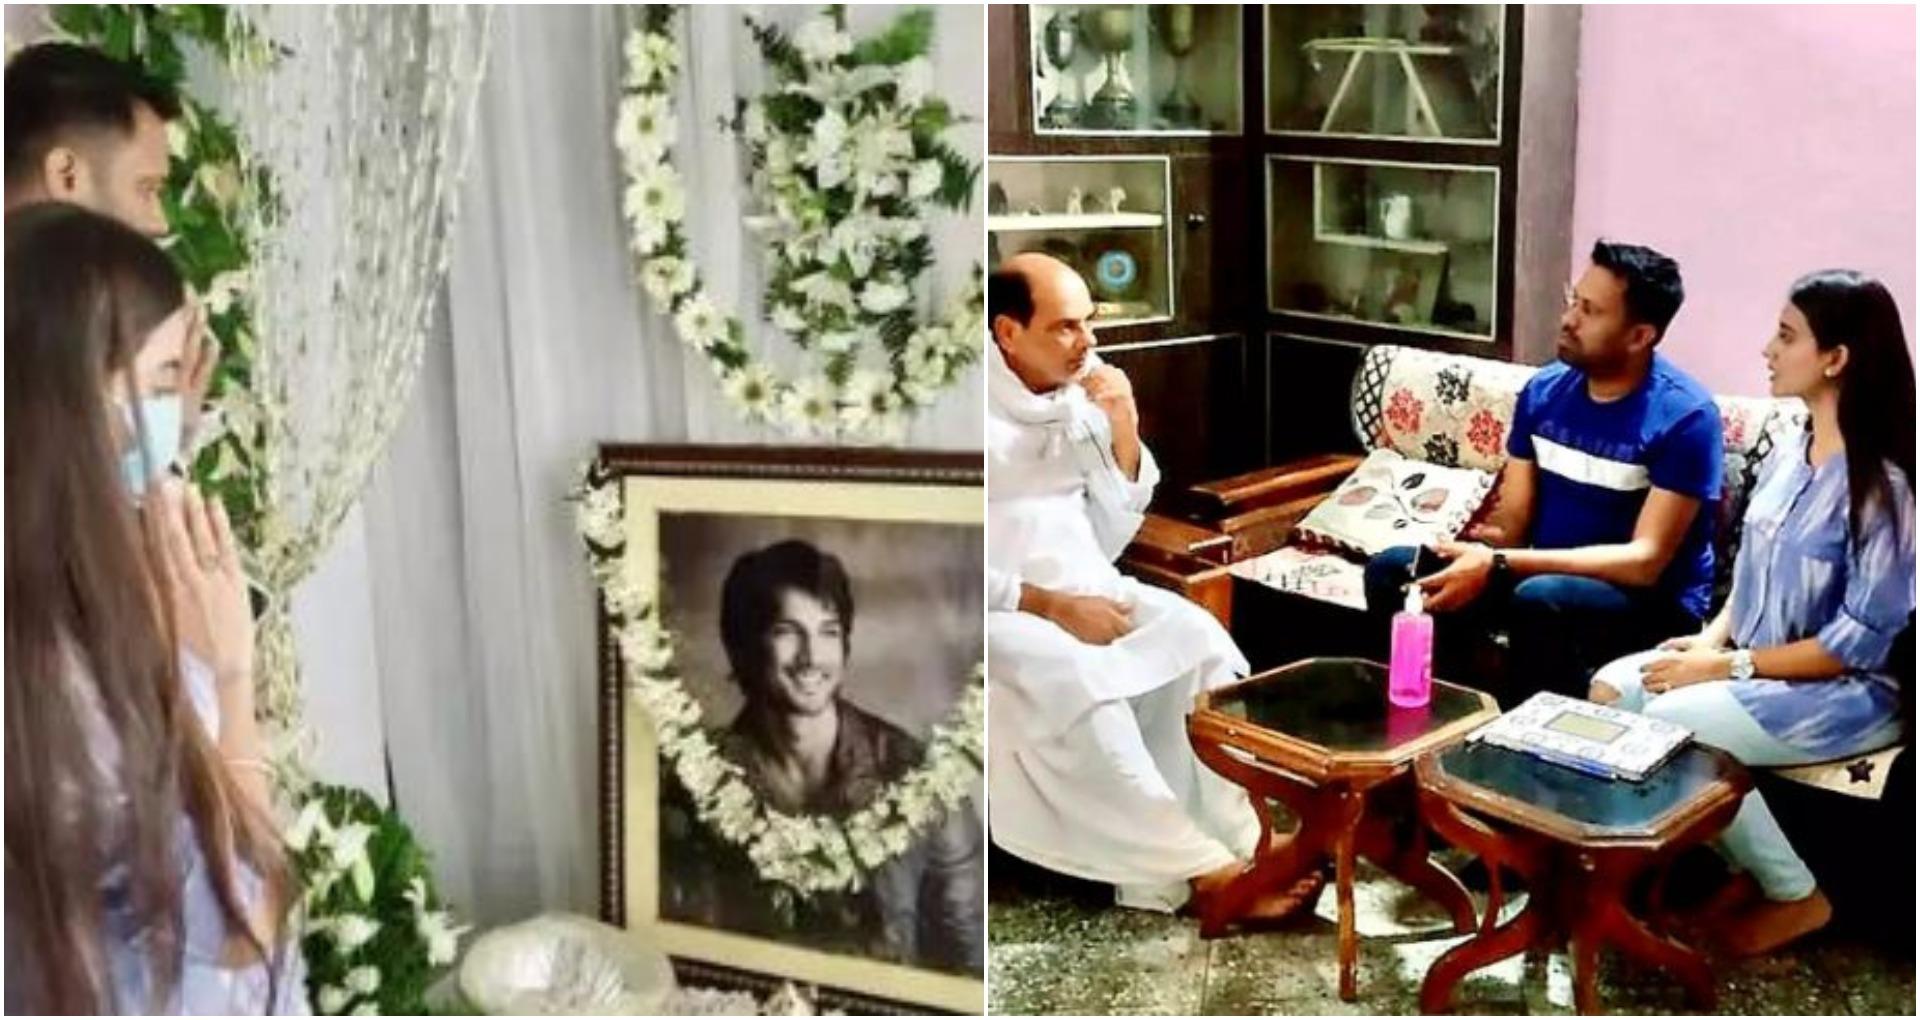 भोजपुरी एक्ट्रेस अक्षरा सिंह पहुंची सुशांत सिंह राजपूत के घर, व्यक्त की श्रद्धांजलि